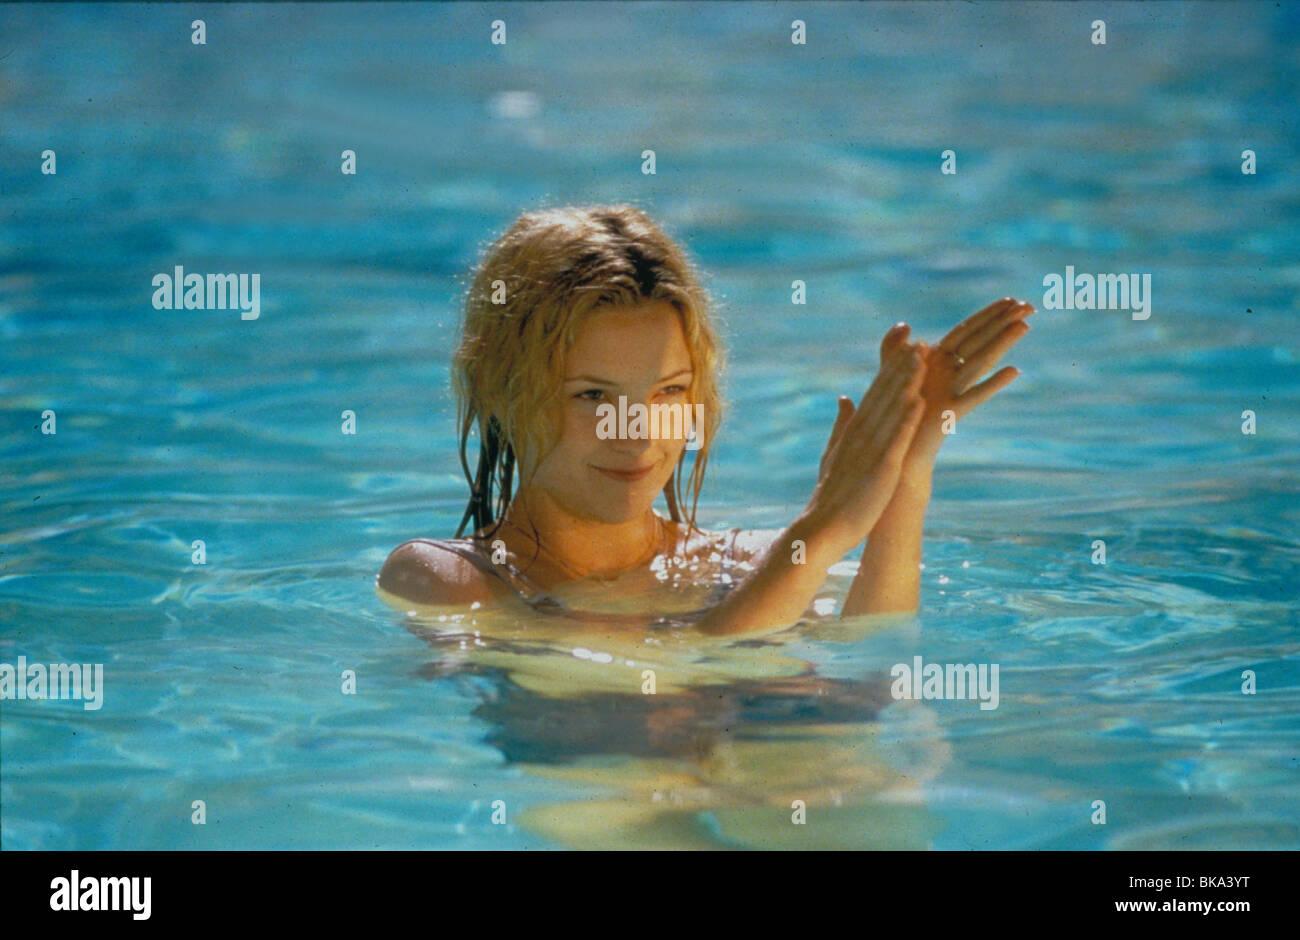 Quasi famoso (2001) qualcosa di reale, ancora acqua (ALT) Kate Hudson MOUS 108 Immagini Stock